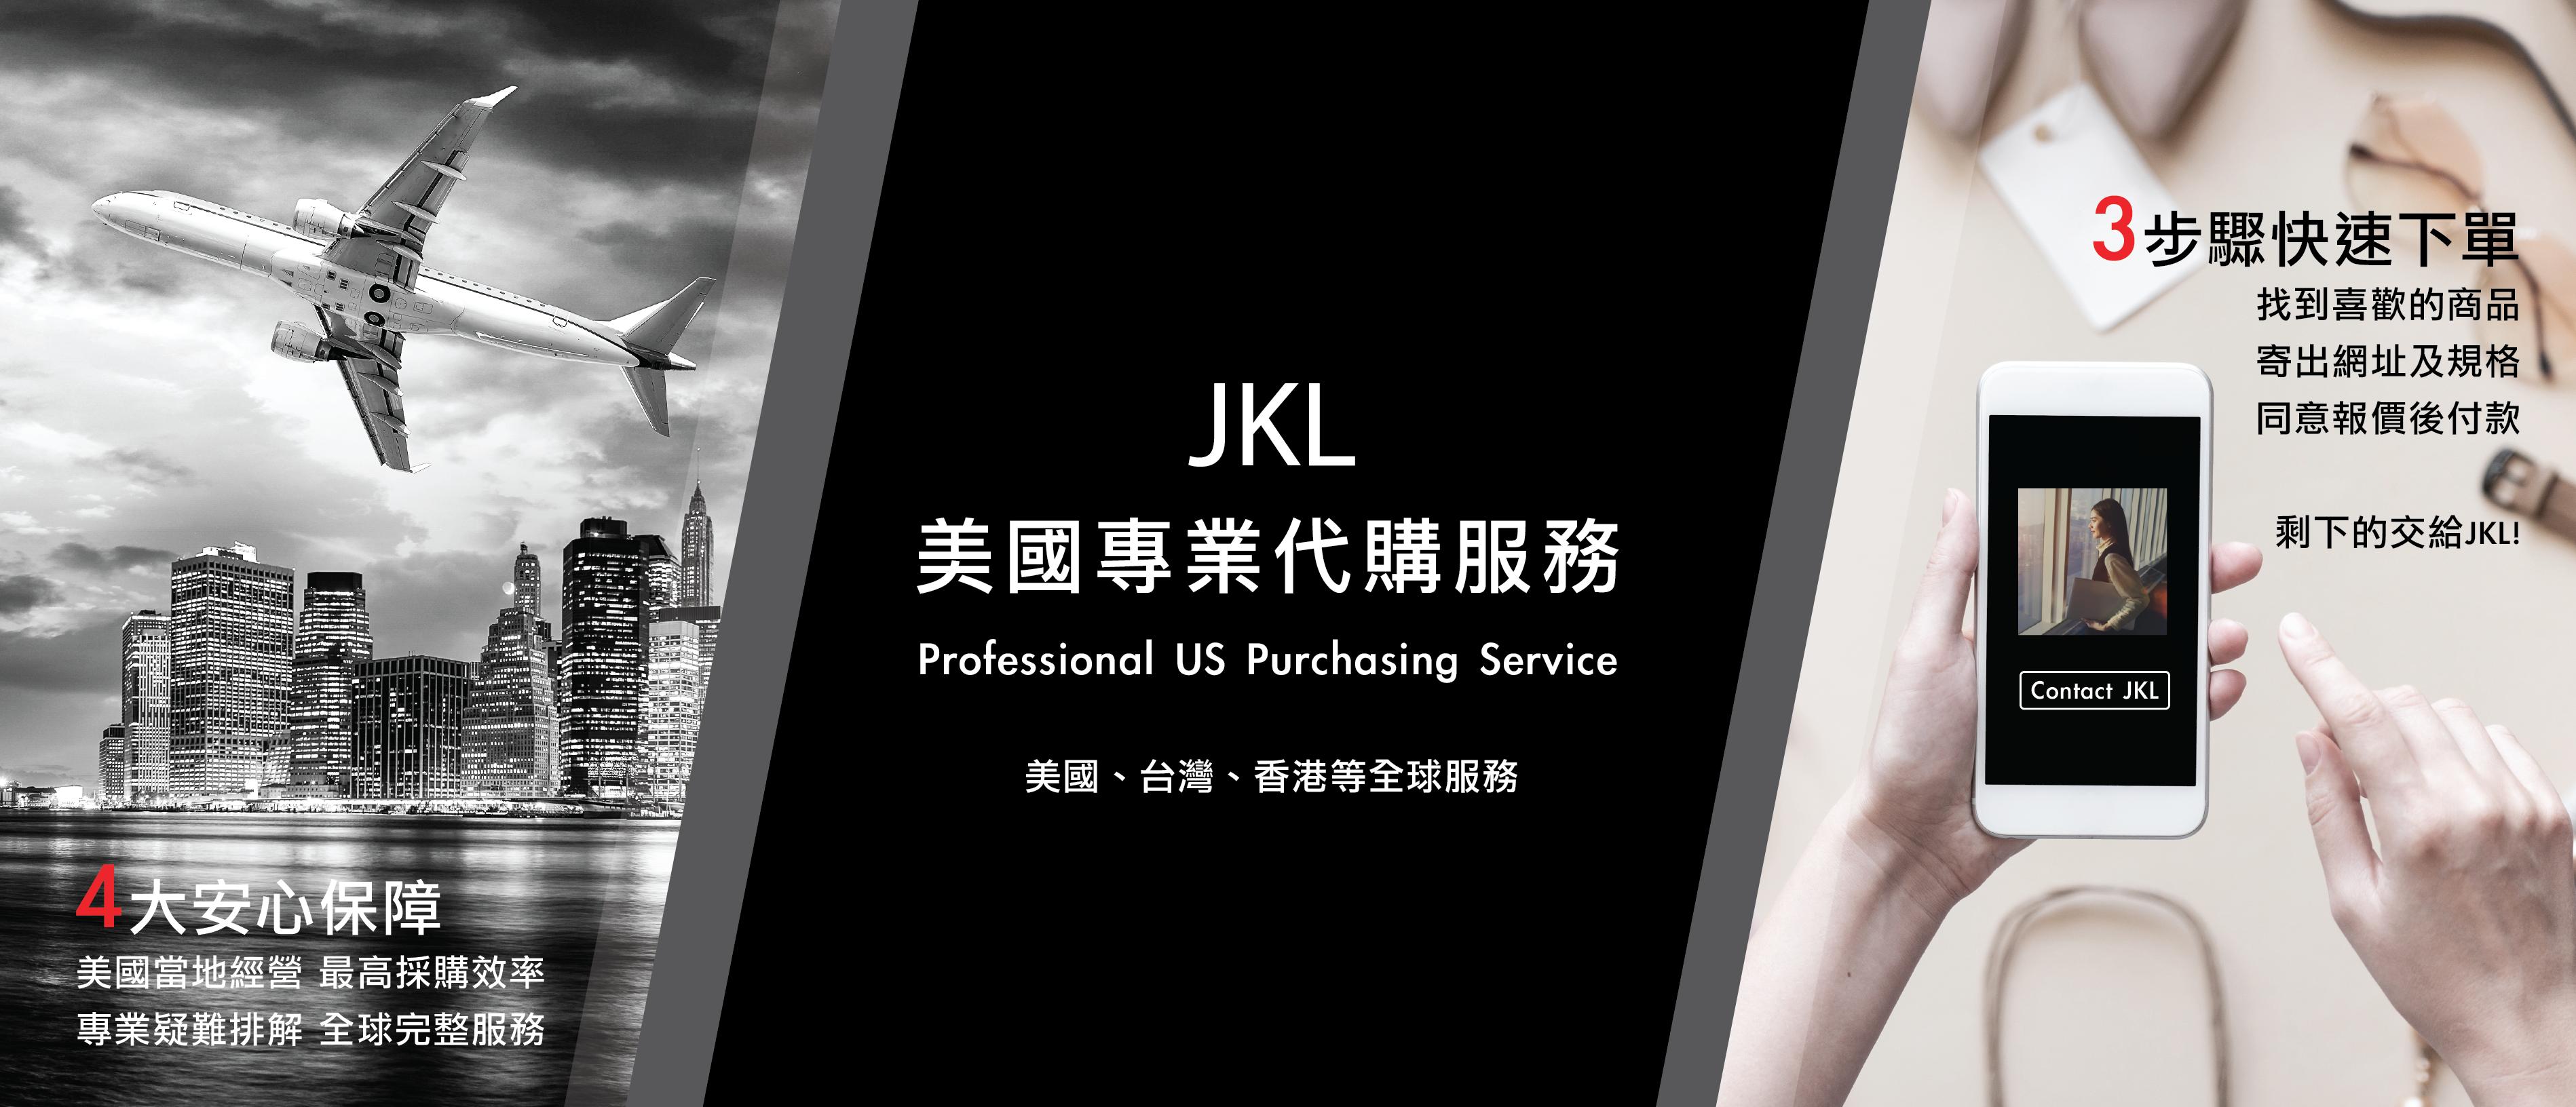 JKL美國專業代購服務